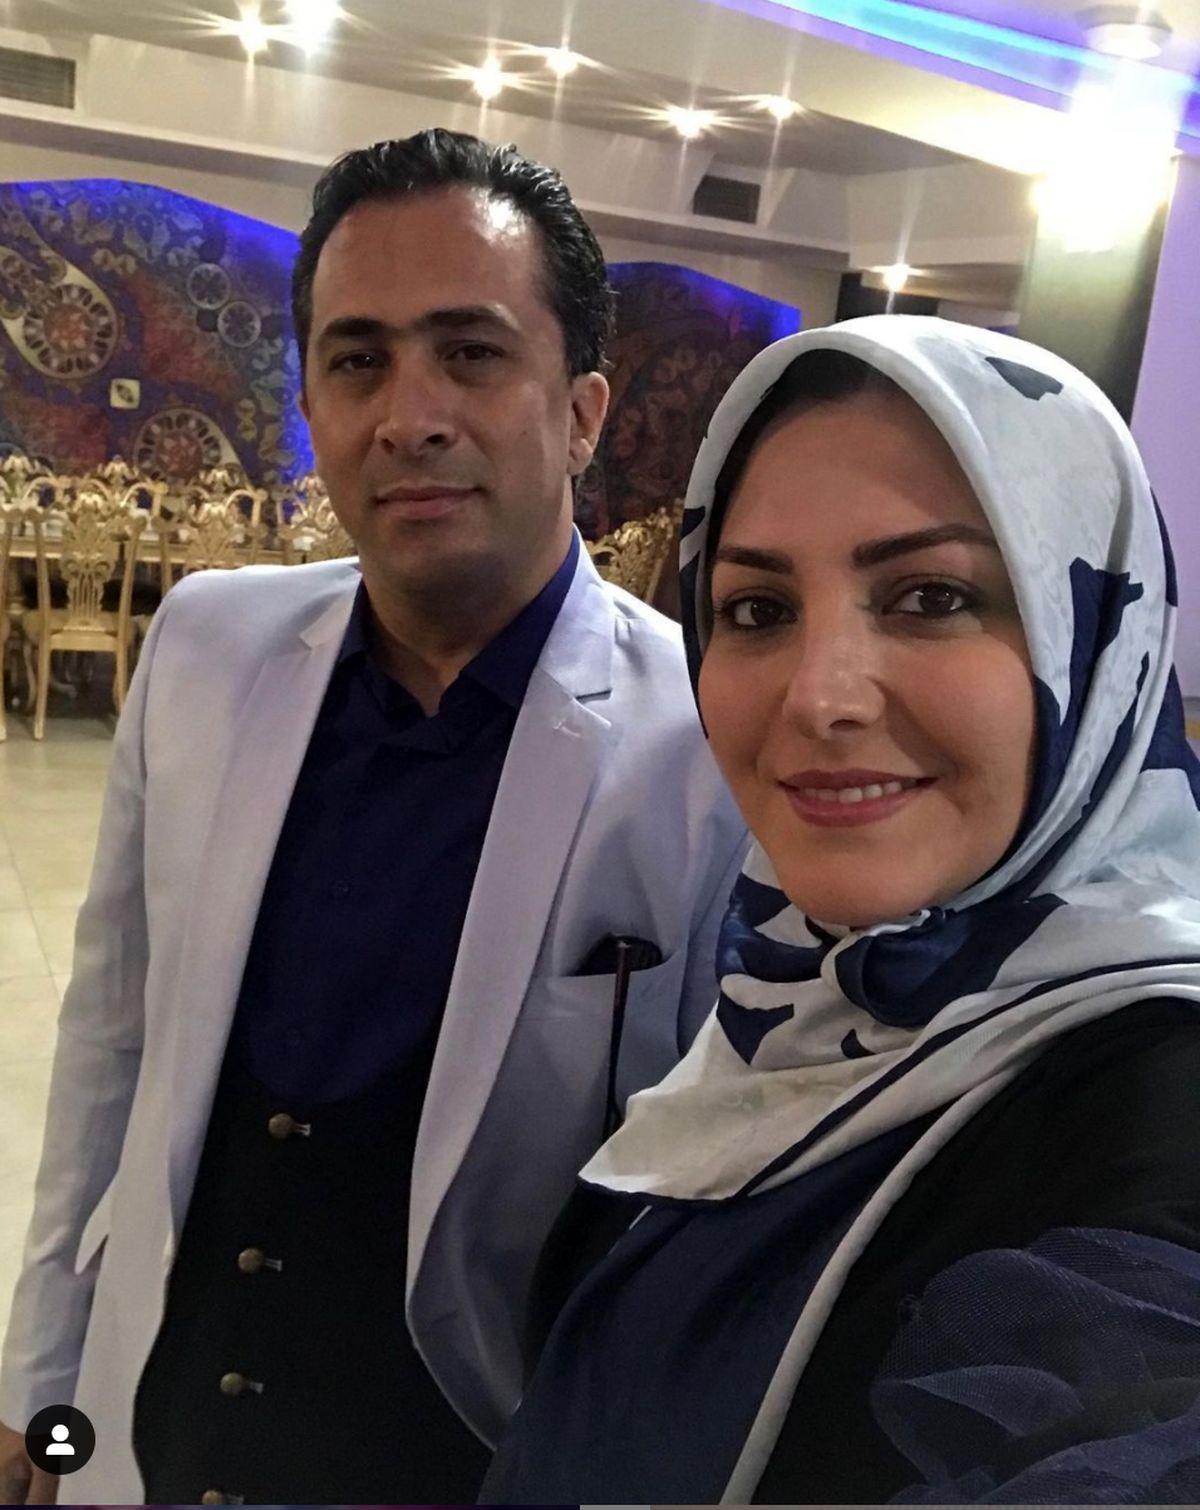 ویدئو جنجالی از دعوای لفظی المیرا شریفی مقدم با استاندار خوزستان / مردم آب ندارند